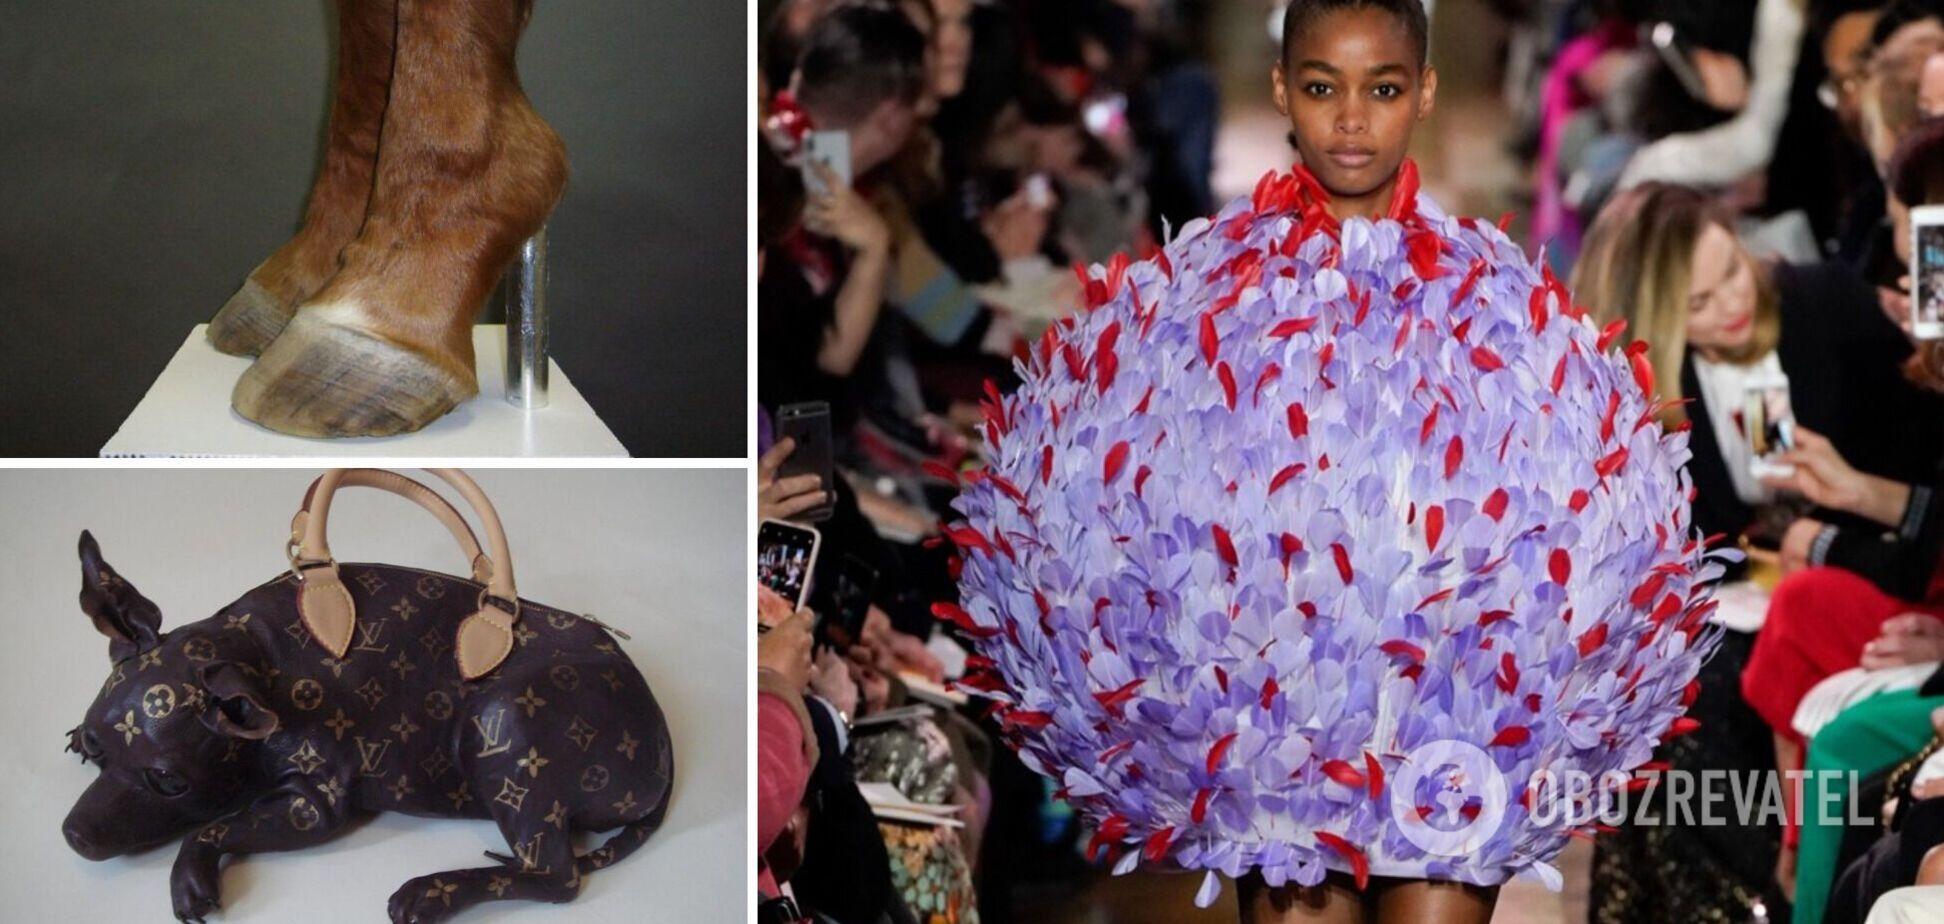 Деякі дизайнери створюють моторошні колекції одягу